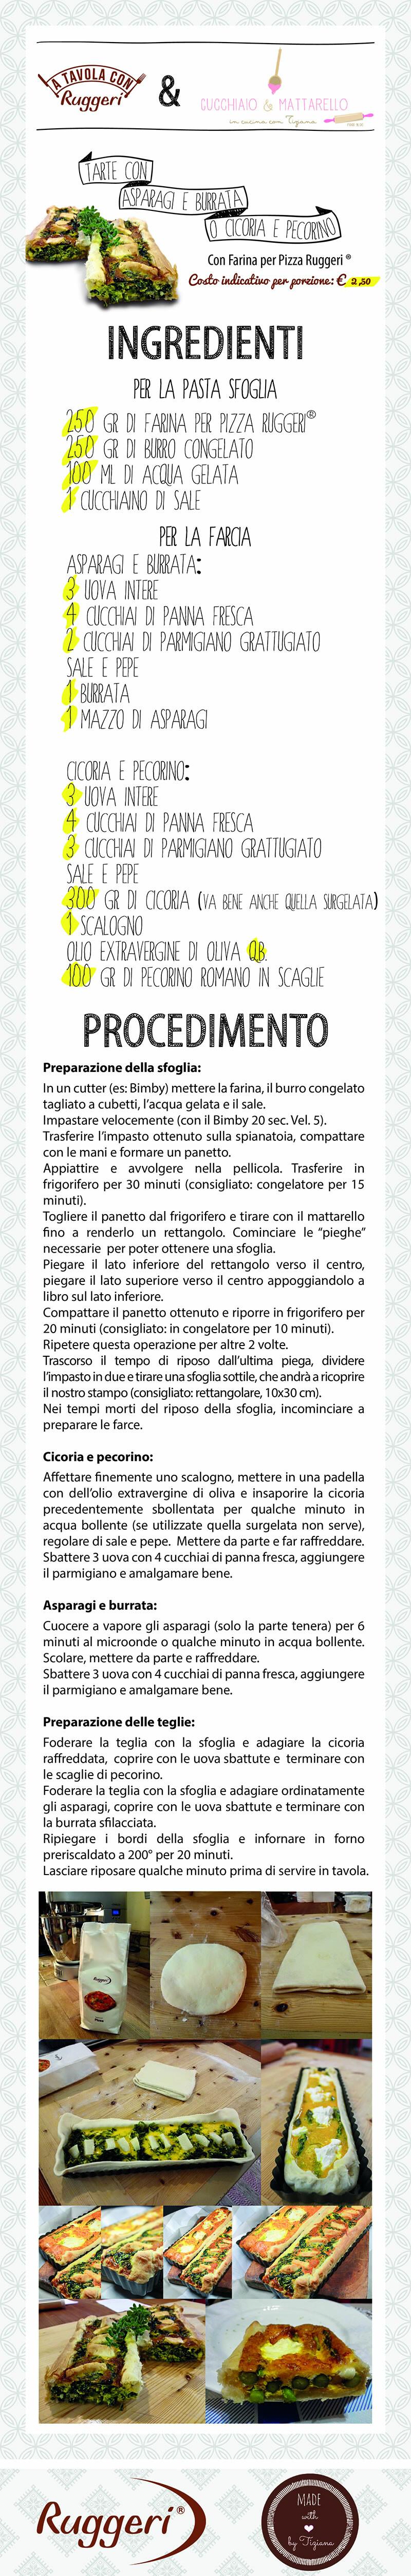 01C_Tarte